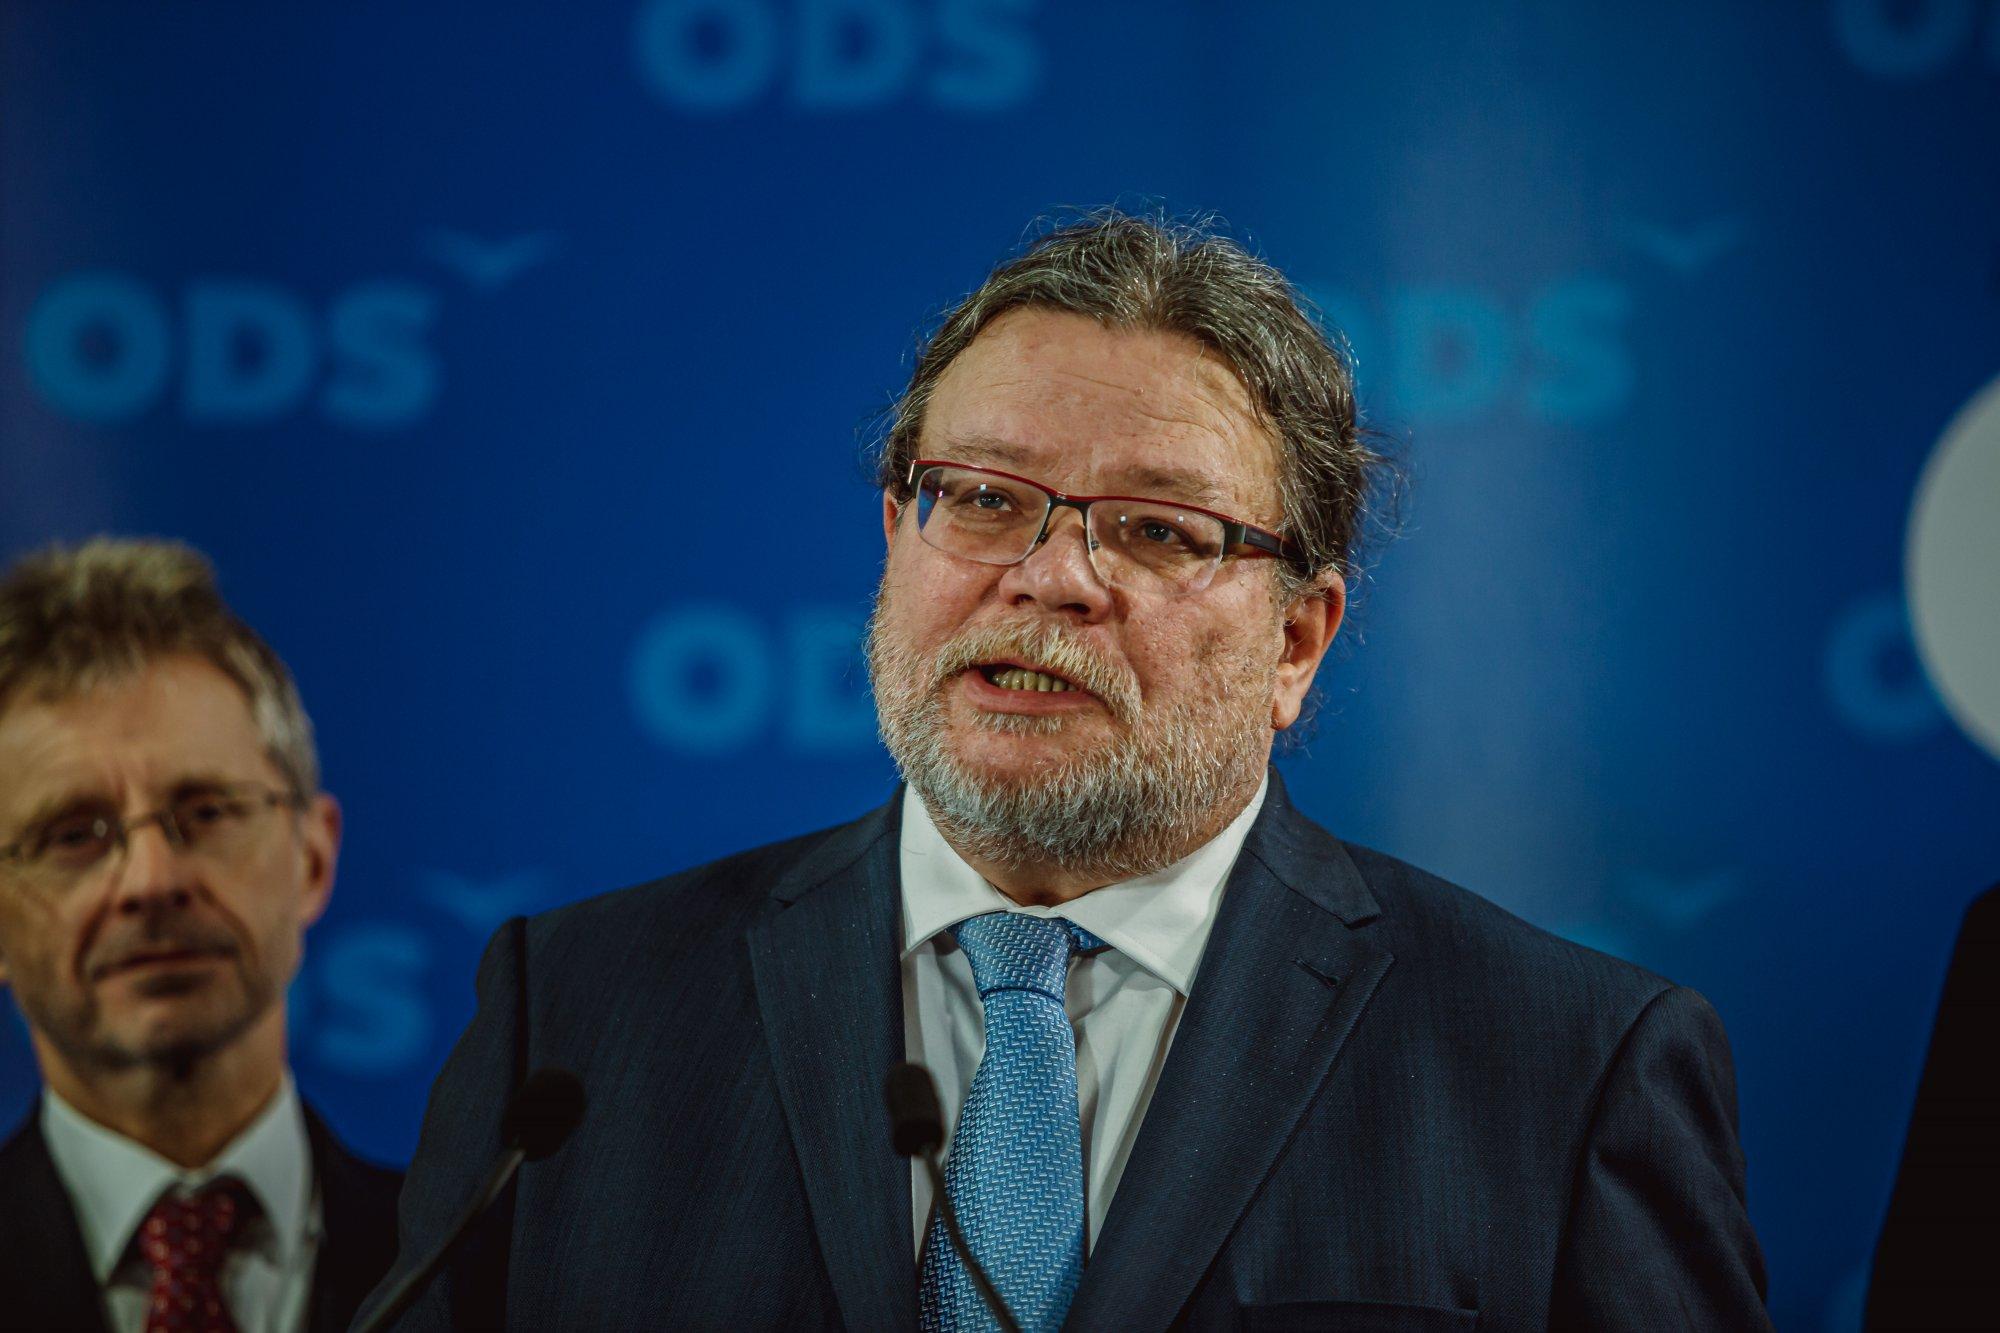 Babišovo veto setkání V4 s běloruskou opozicí nelze vysvětlit, je to ostuda pro celé Česko